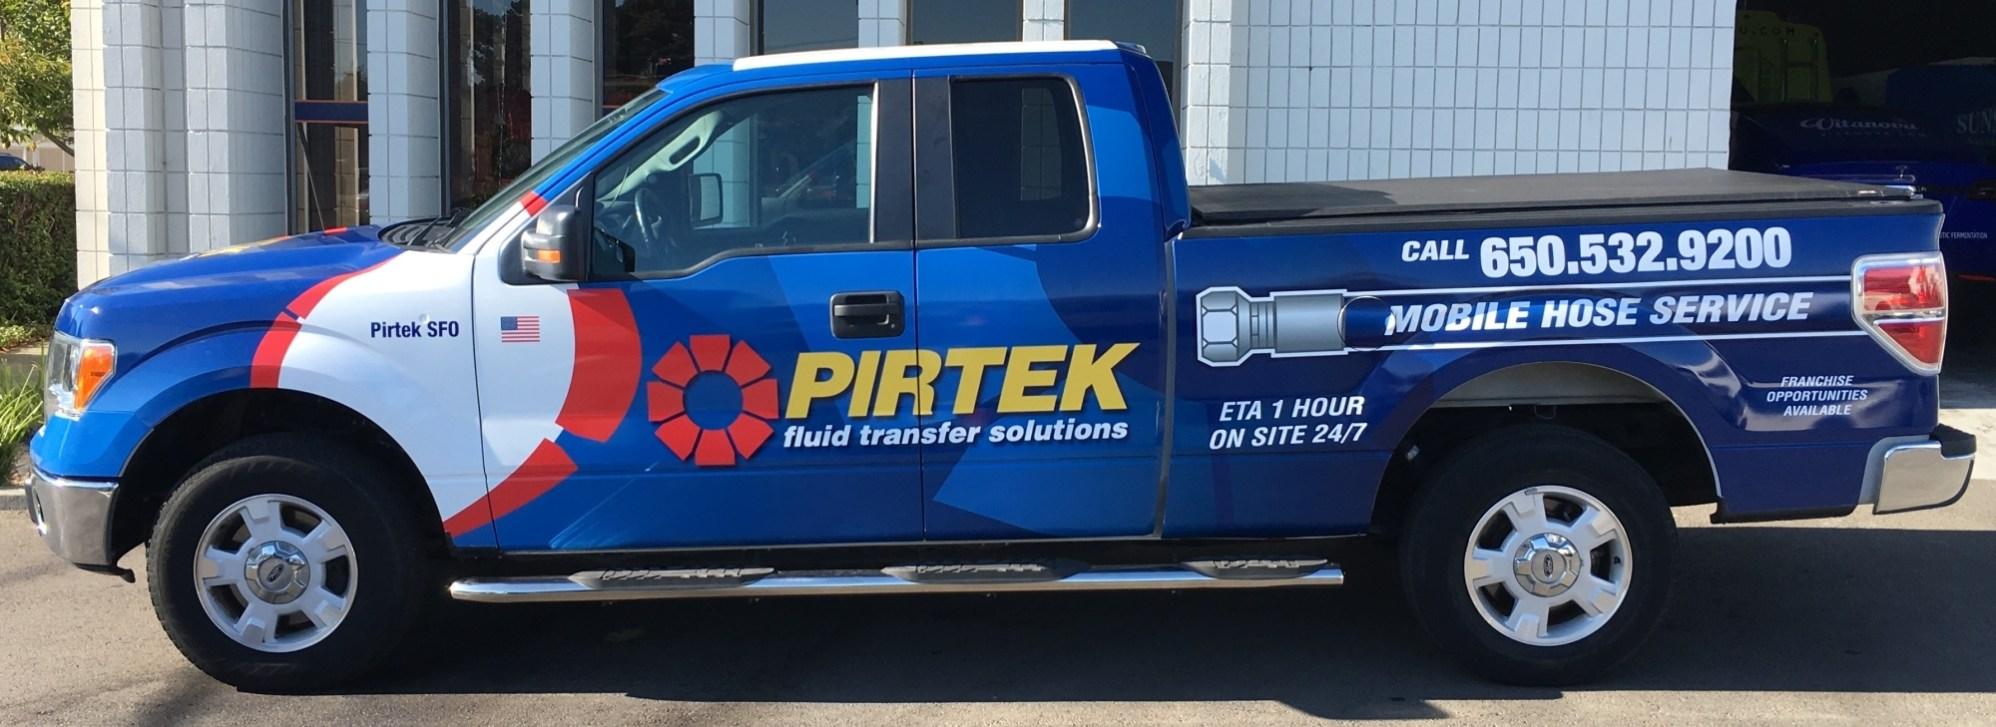 pirtek truck wrap-10